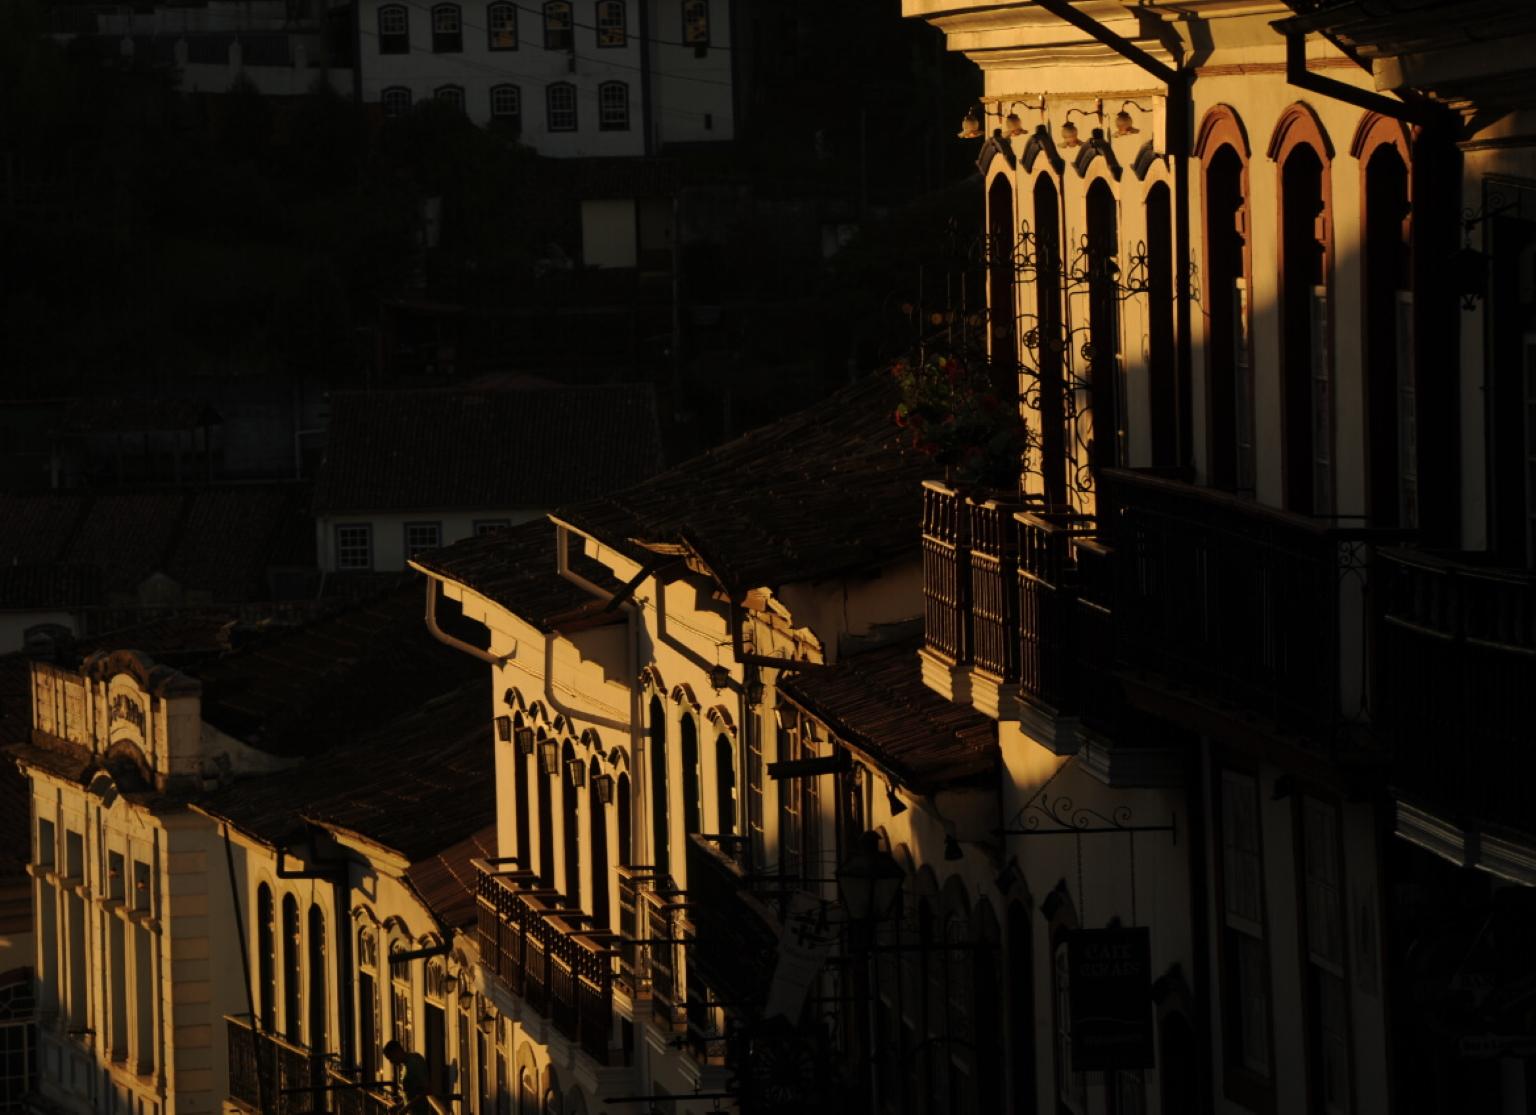 Minas Gerais - Ouro Preto - foto de Germano Neto